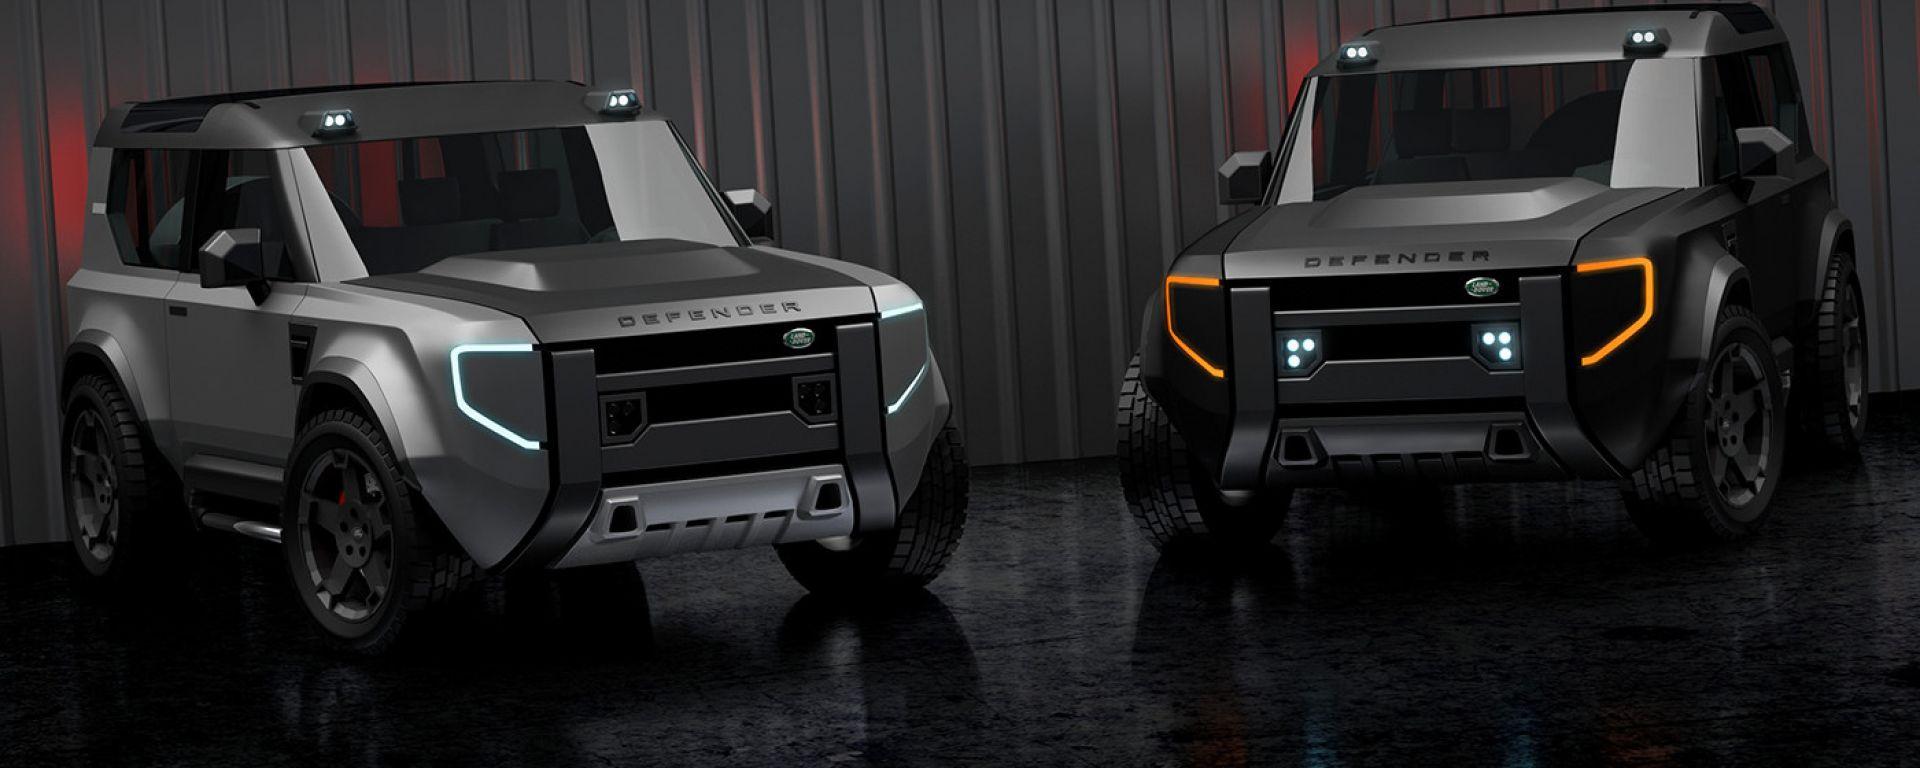 Land Rover Defender 80: nel 2022 potrebbe arrivare la versione taglia XS